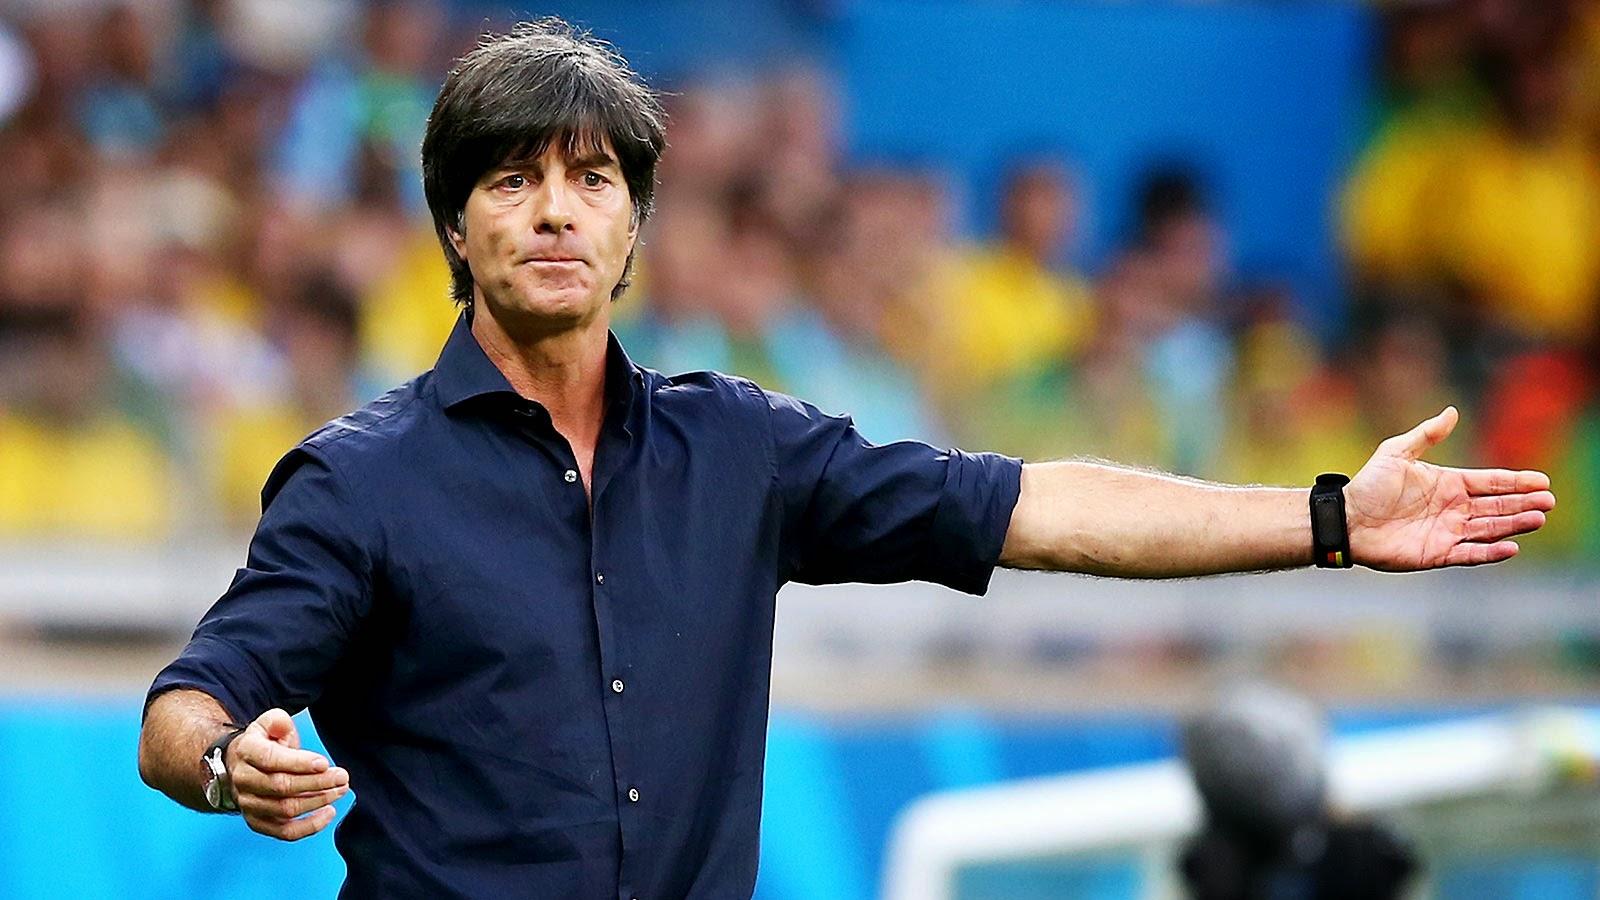 Frustrasi, Joachim Loew Salahkan Penalti Prancis